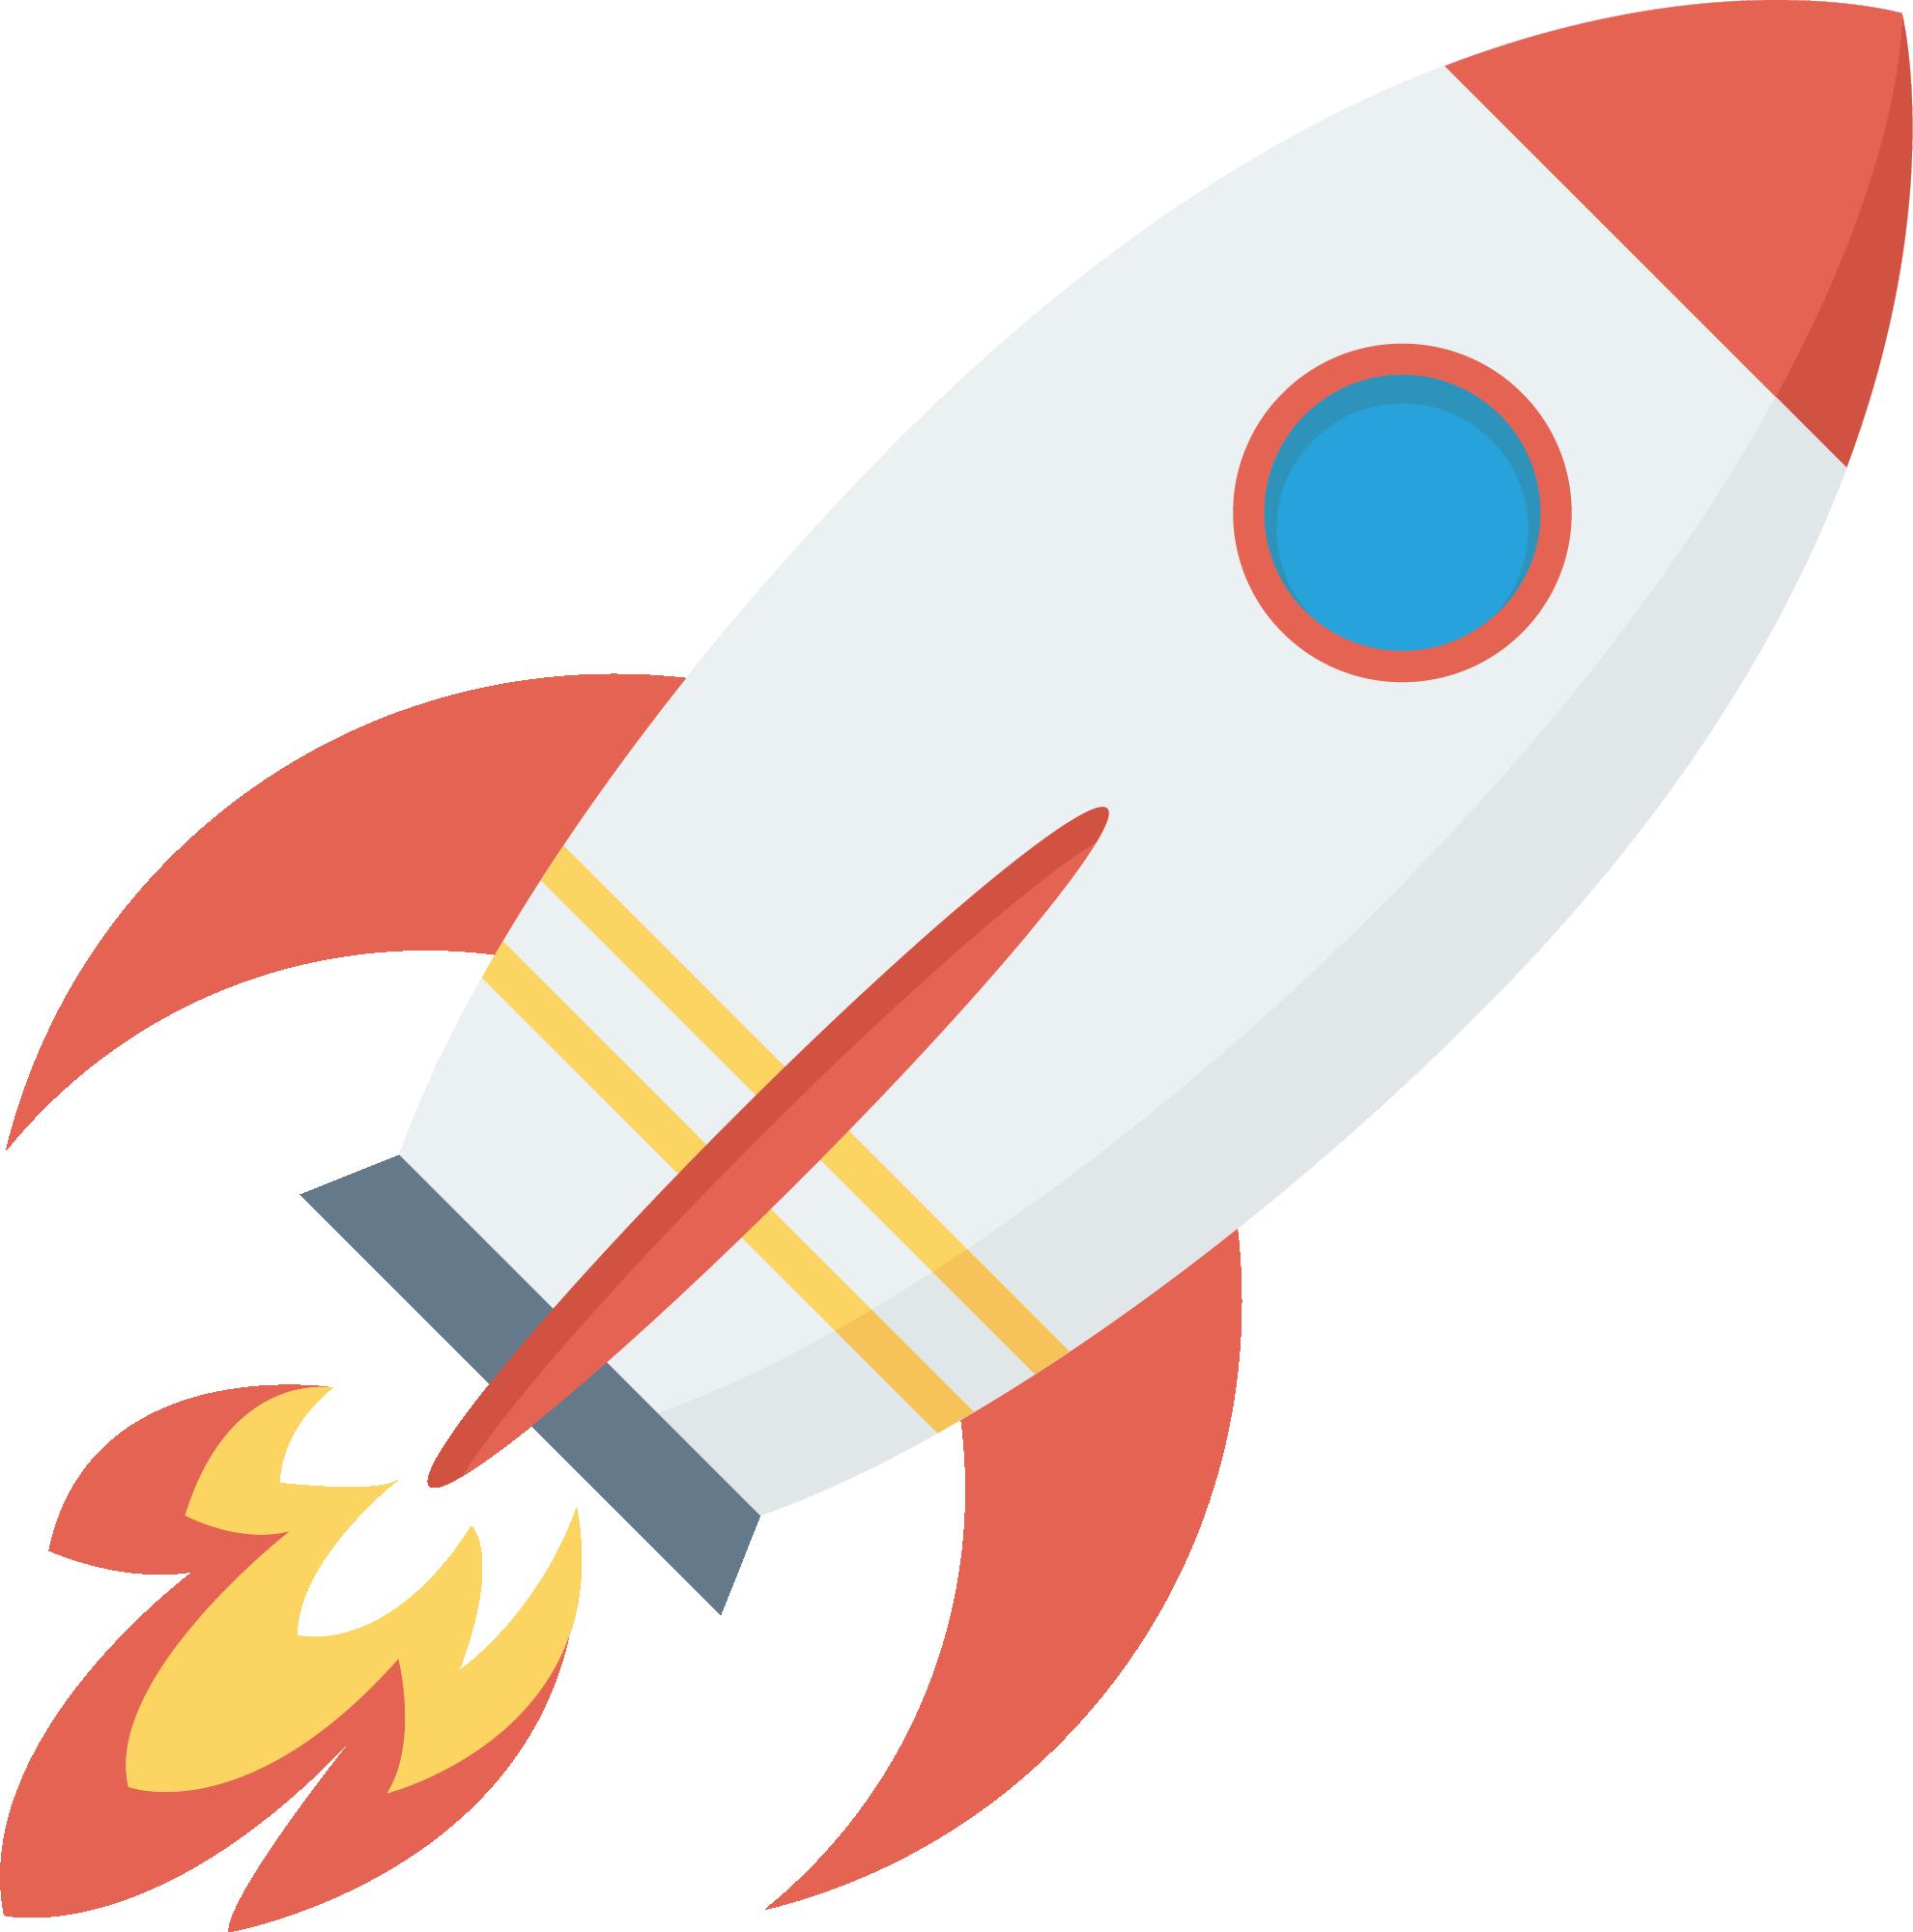 future rocket svg - HD1980×2000